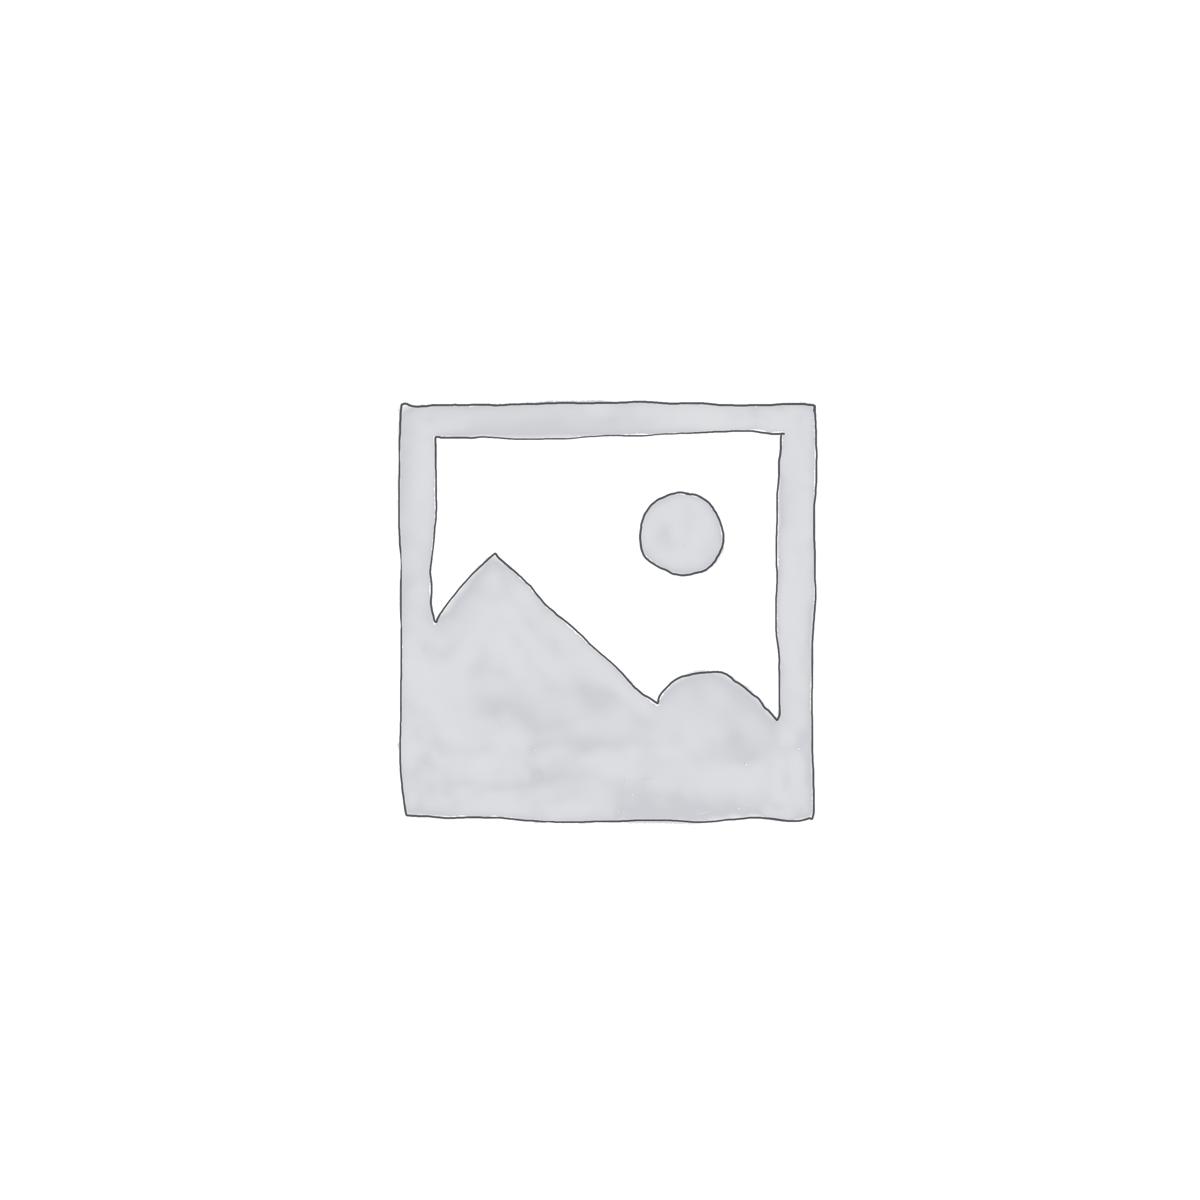 Искусственный камень и декоративный кирпич